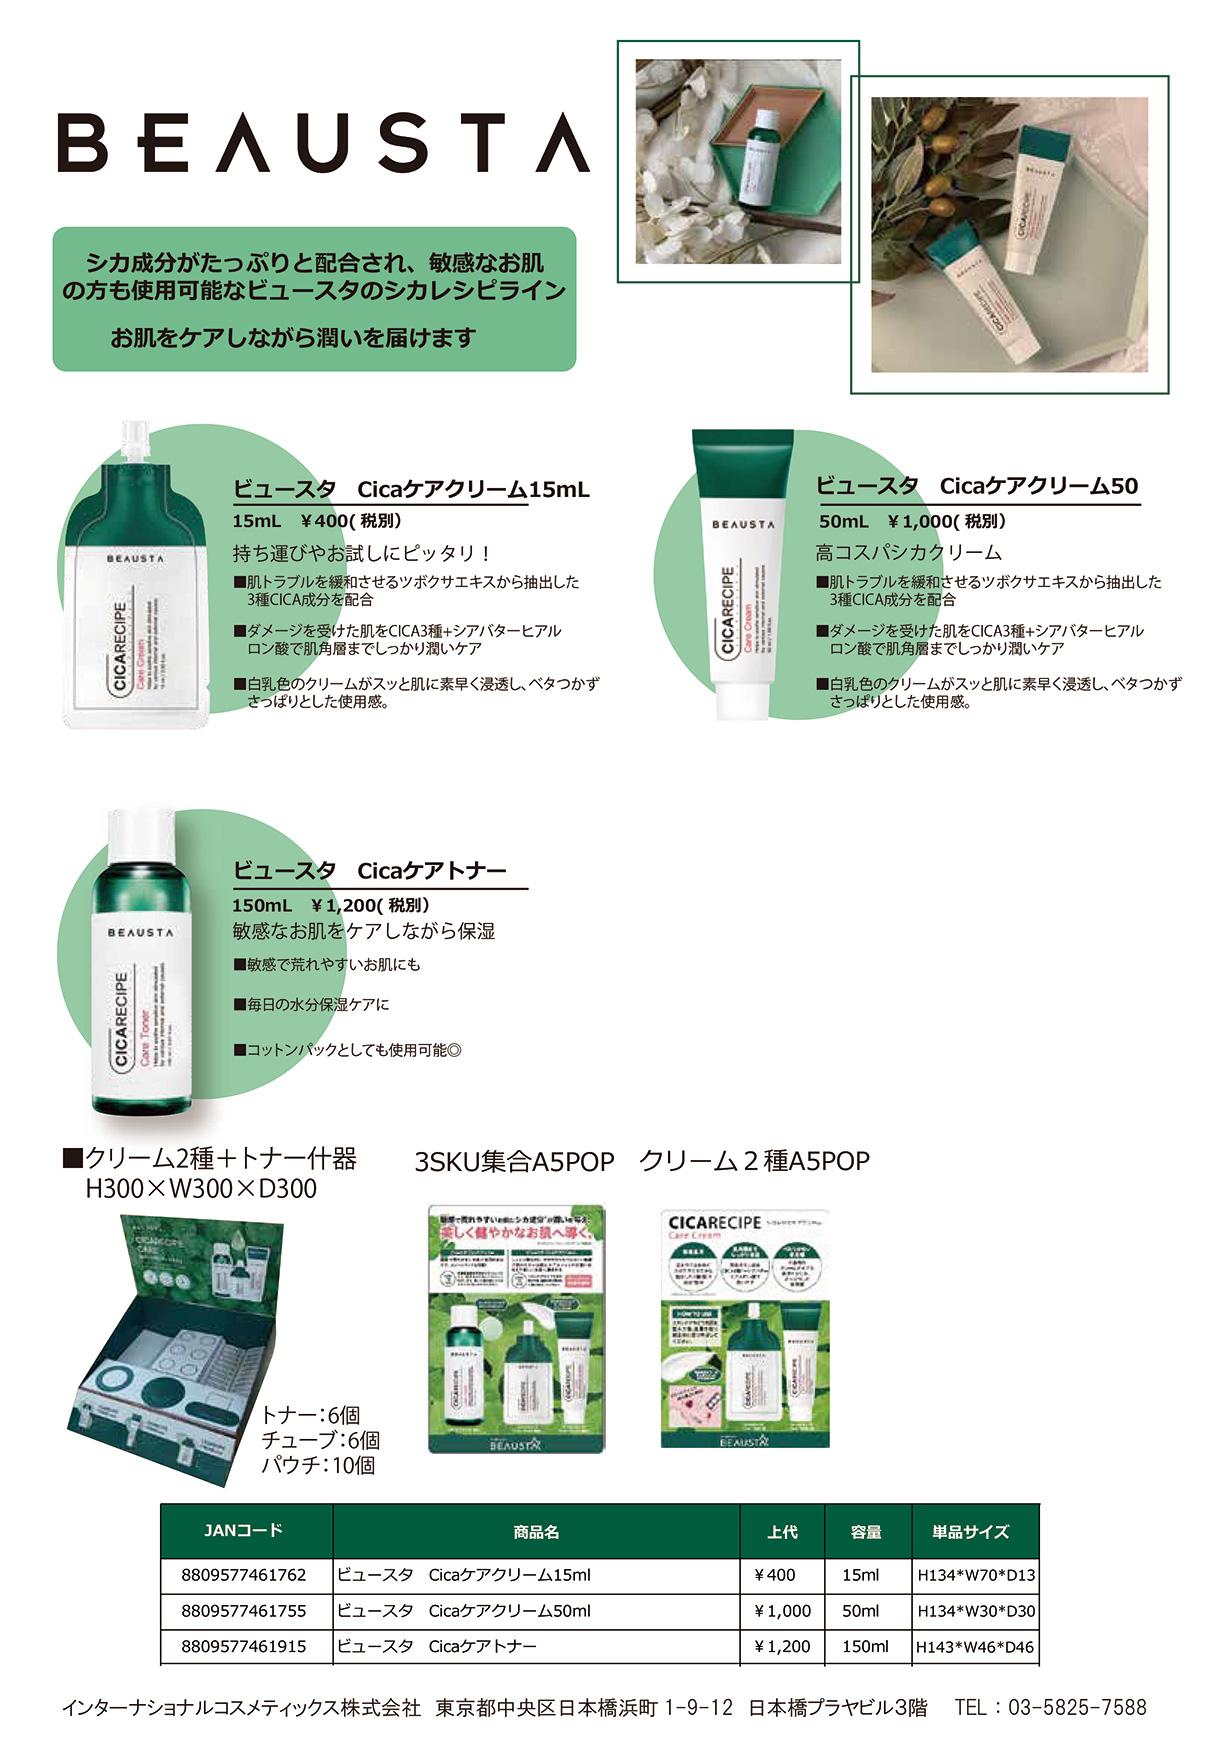 【規定書】ビュースタ Cicaケアシリーズ